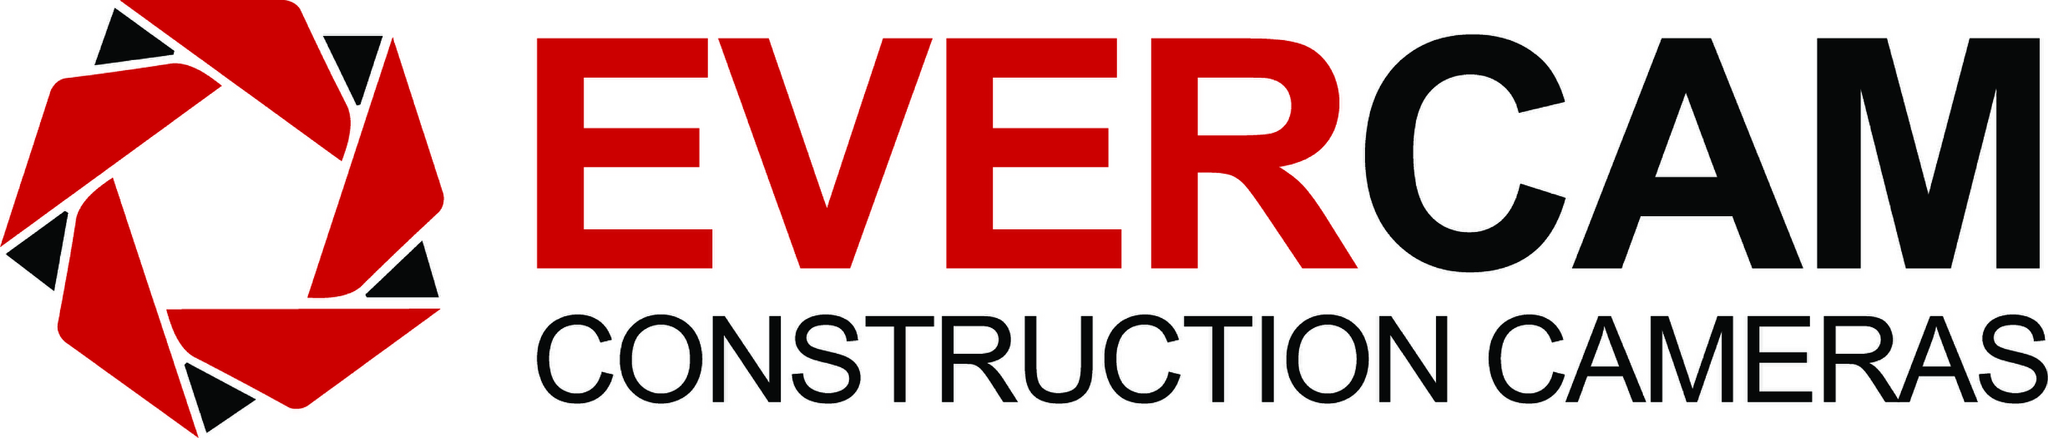 Evercam Construction Cameras